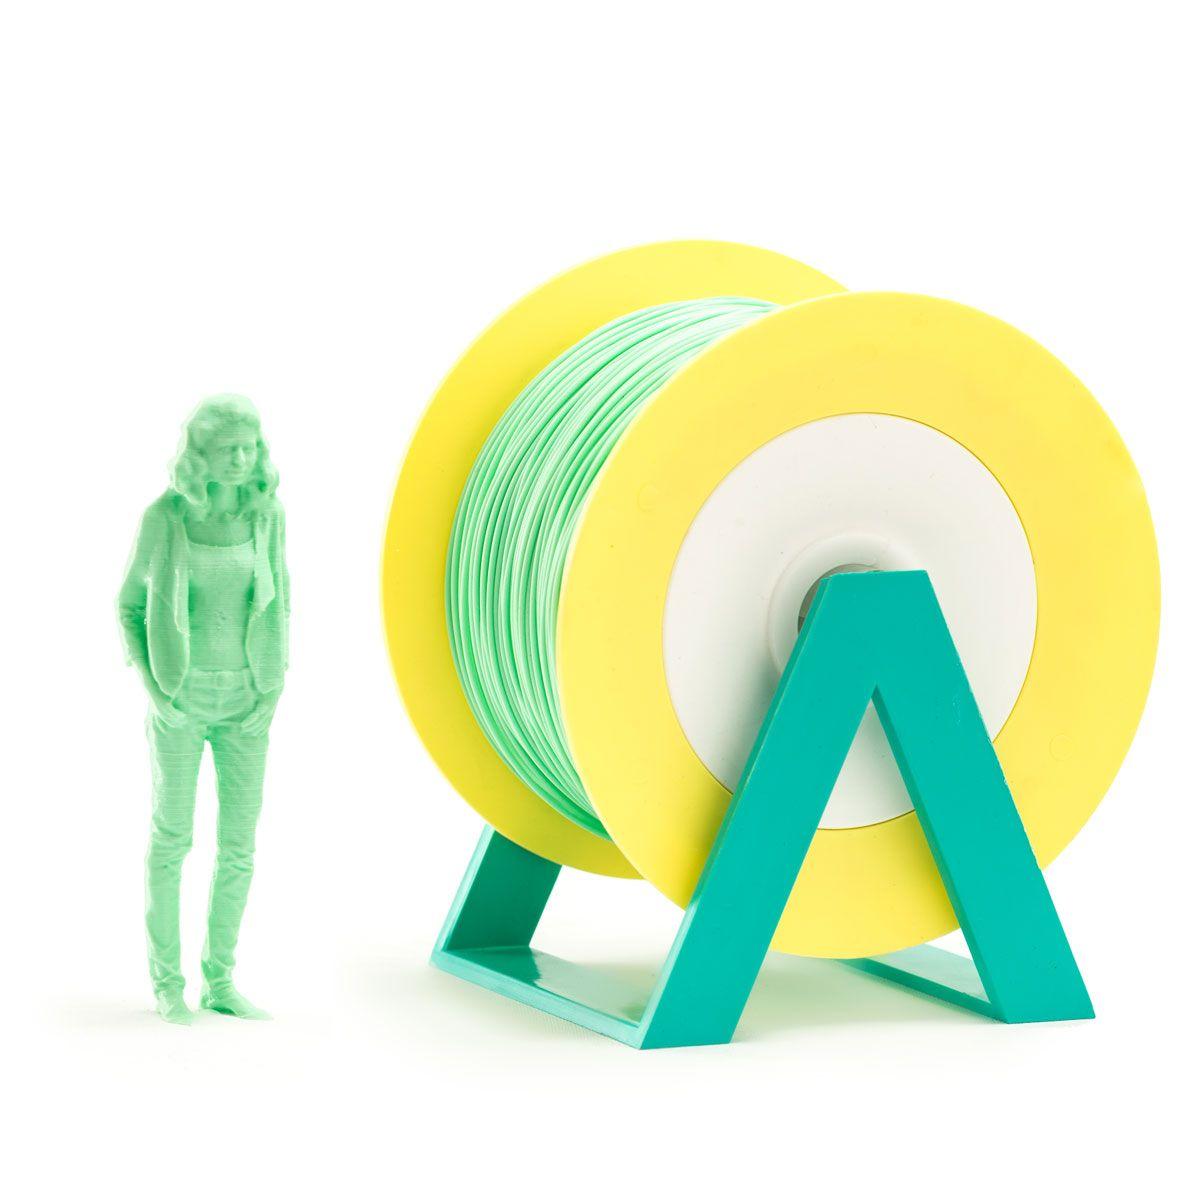 PLA Filament | Color: Milk & Mint